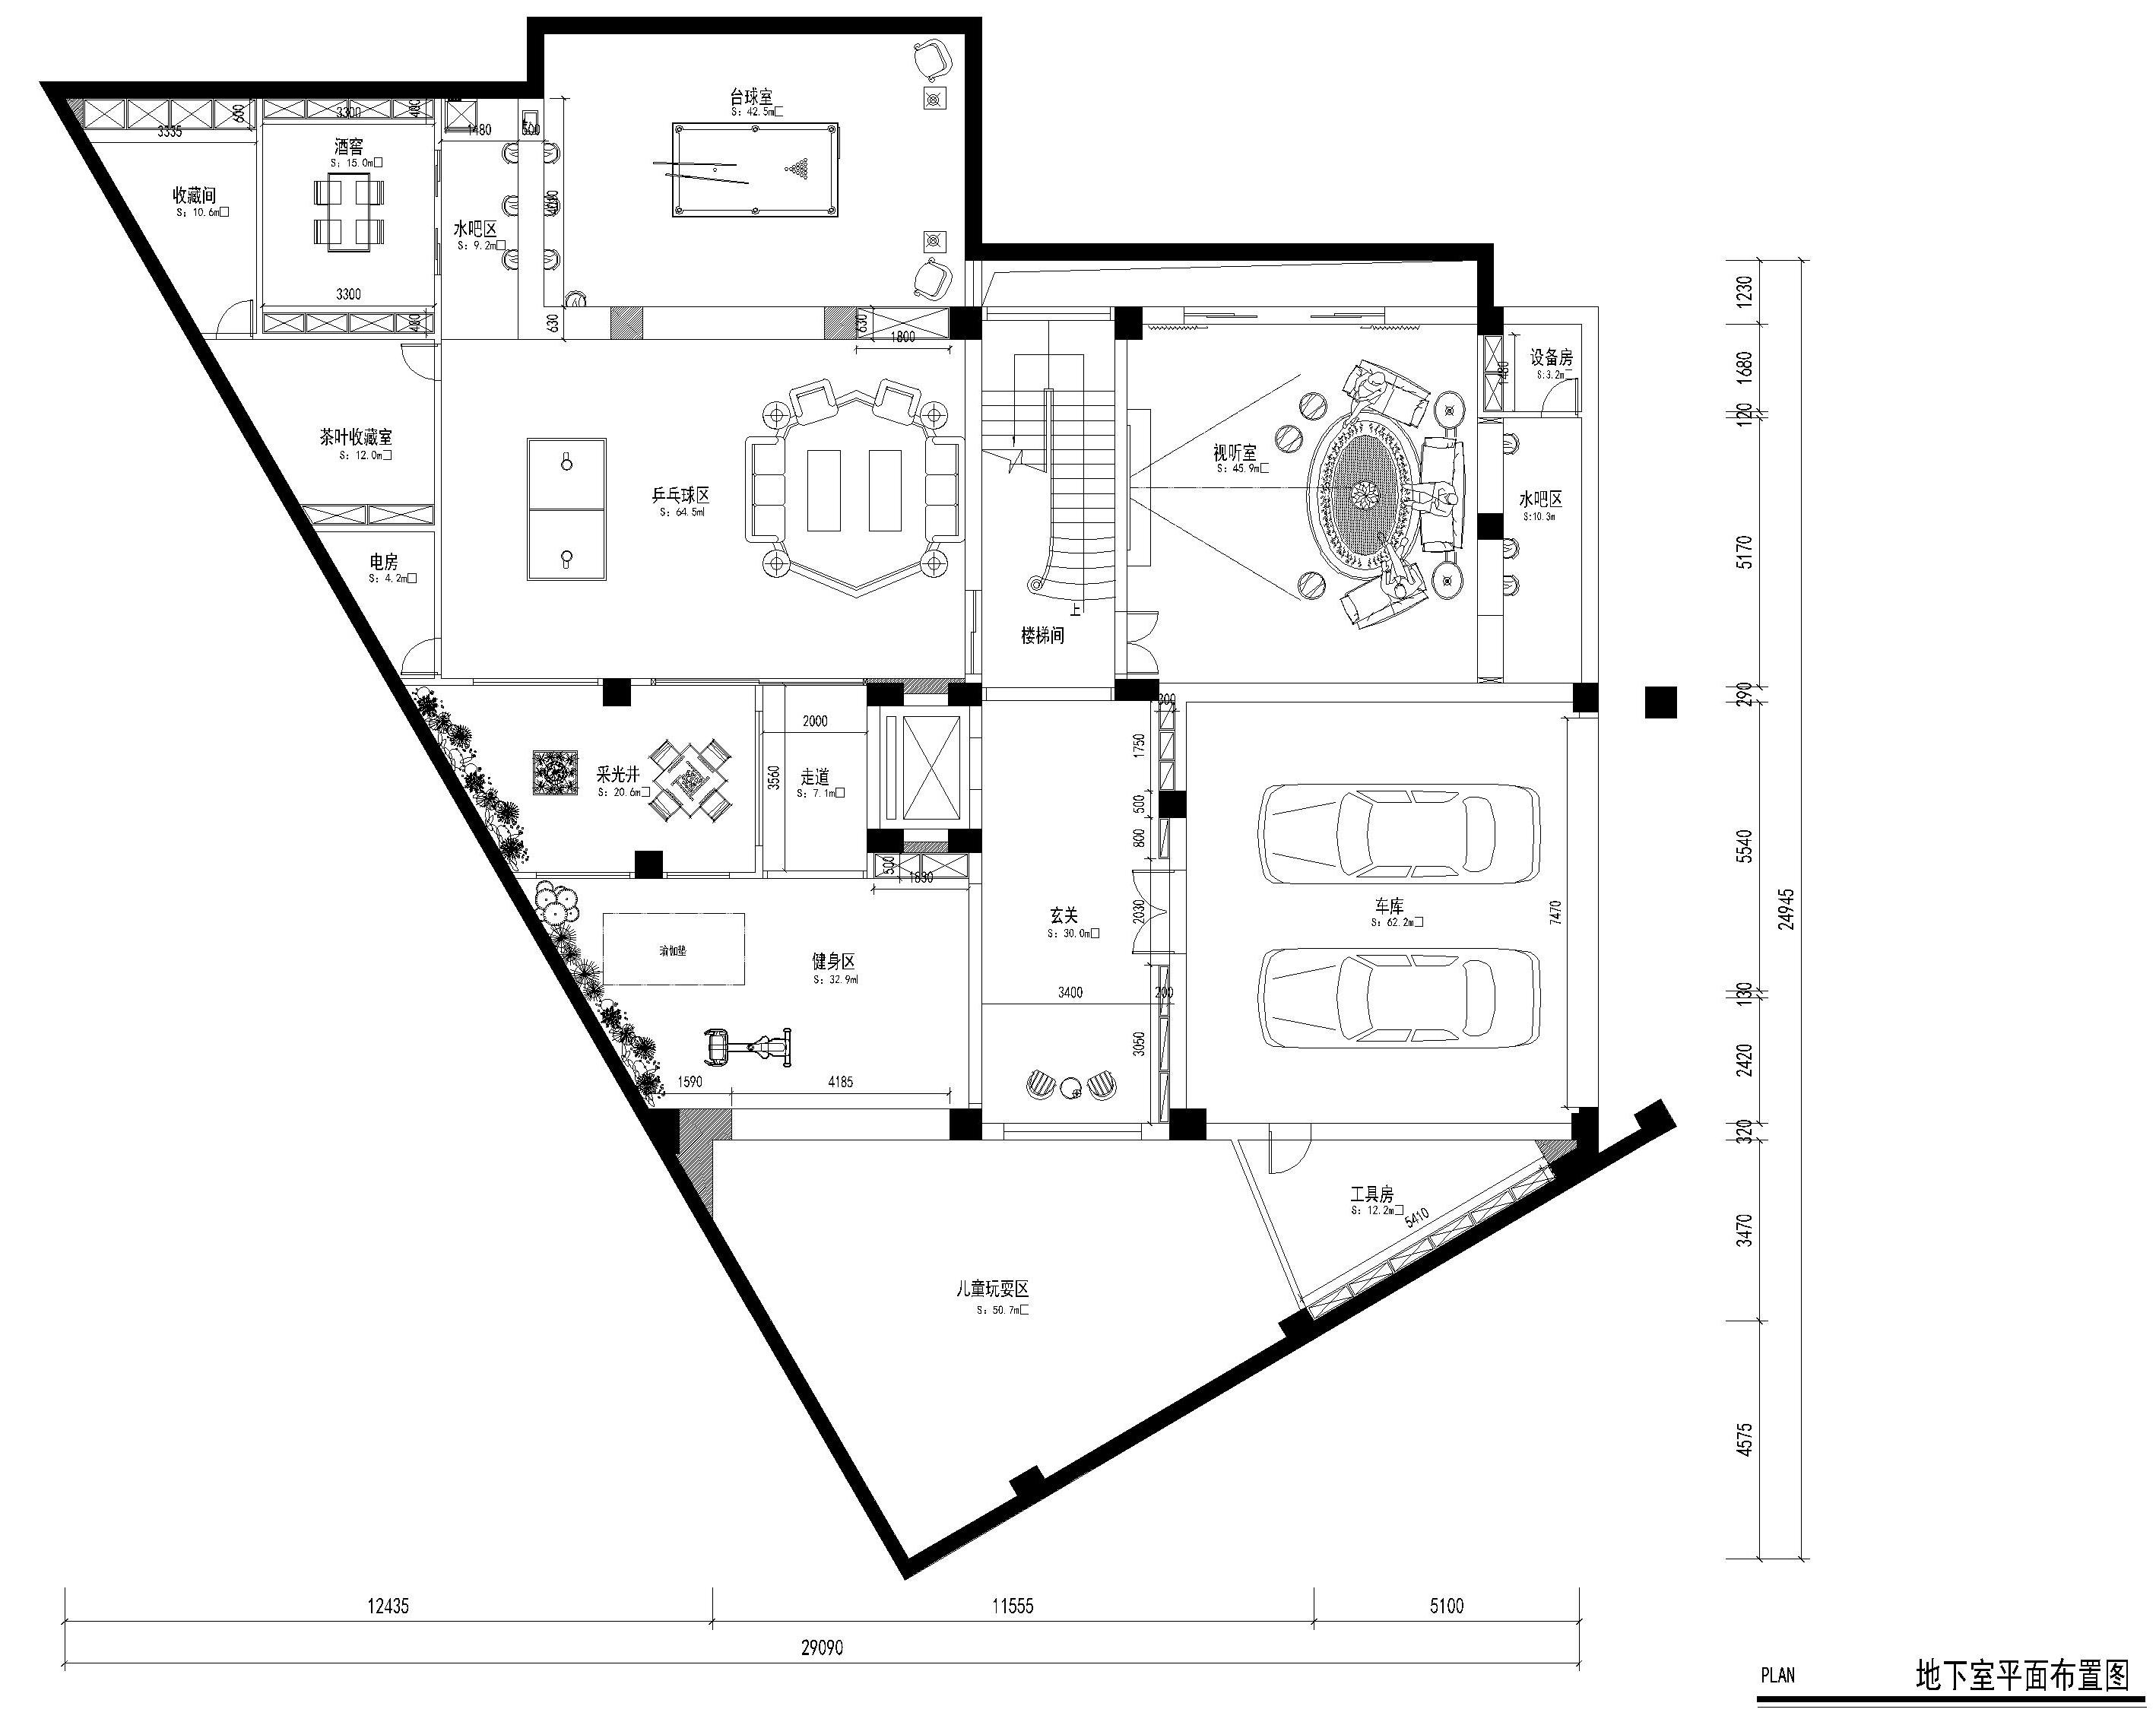 南城御花苑天珺湾装修案例 1500㎡现代风格独栋别墅装修效果图装修设计理念